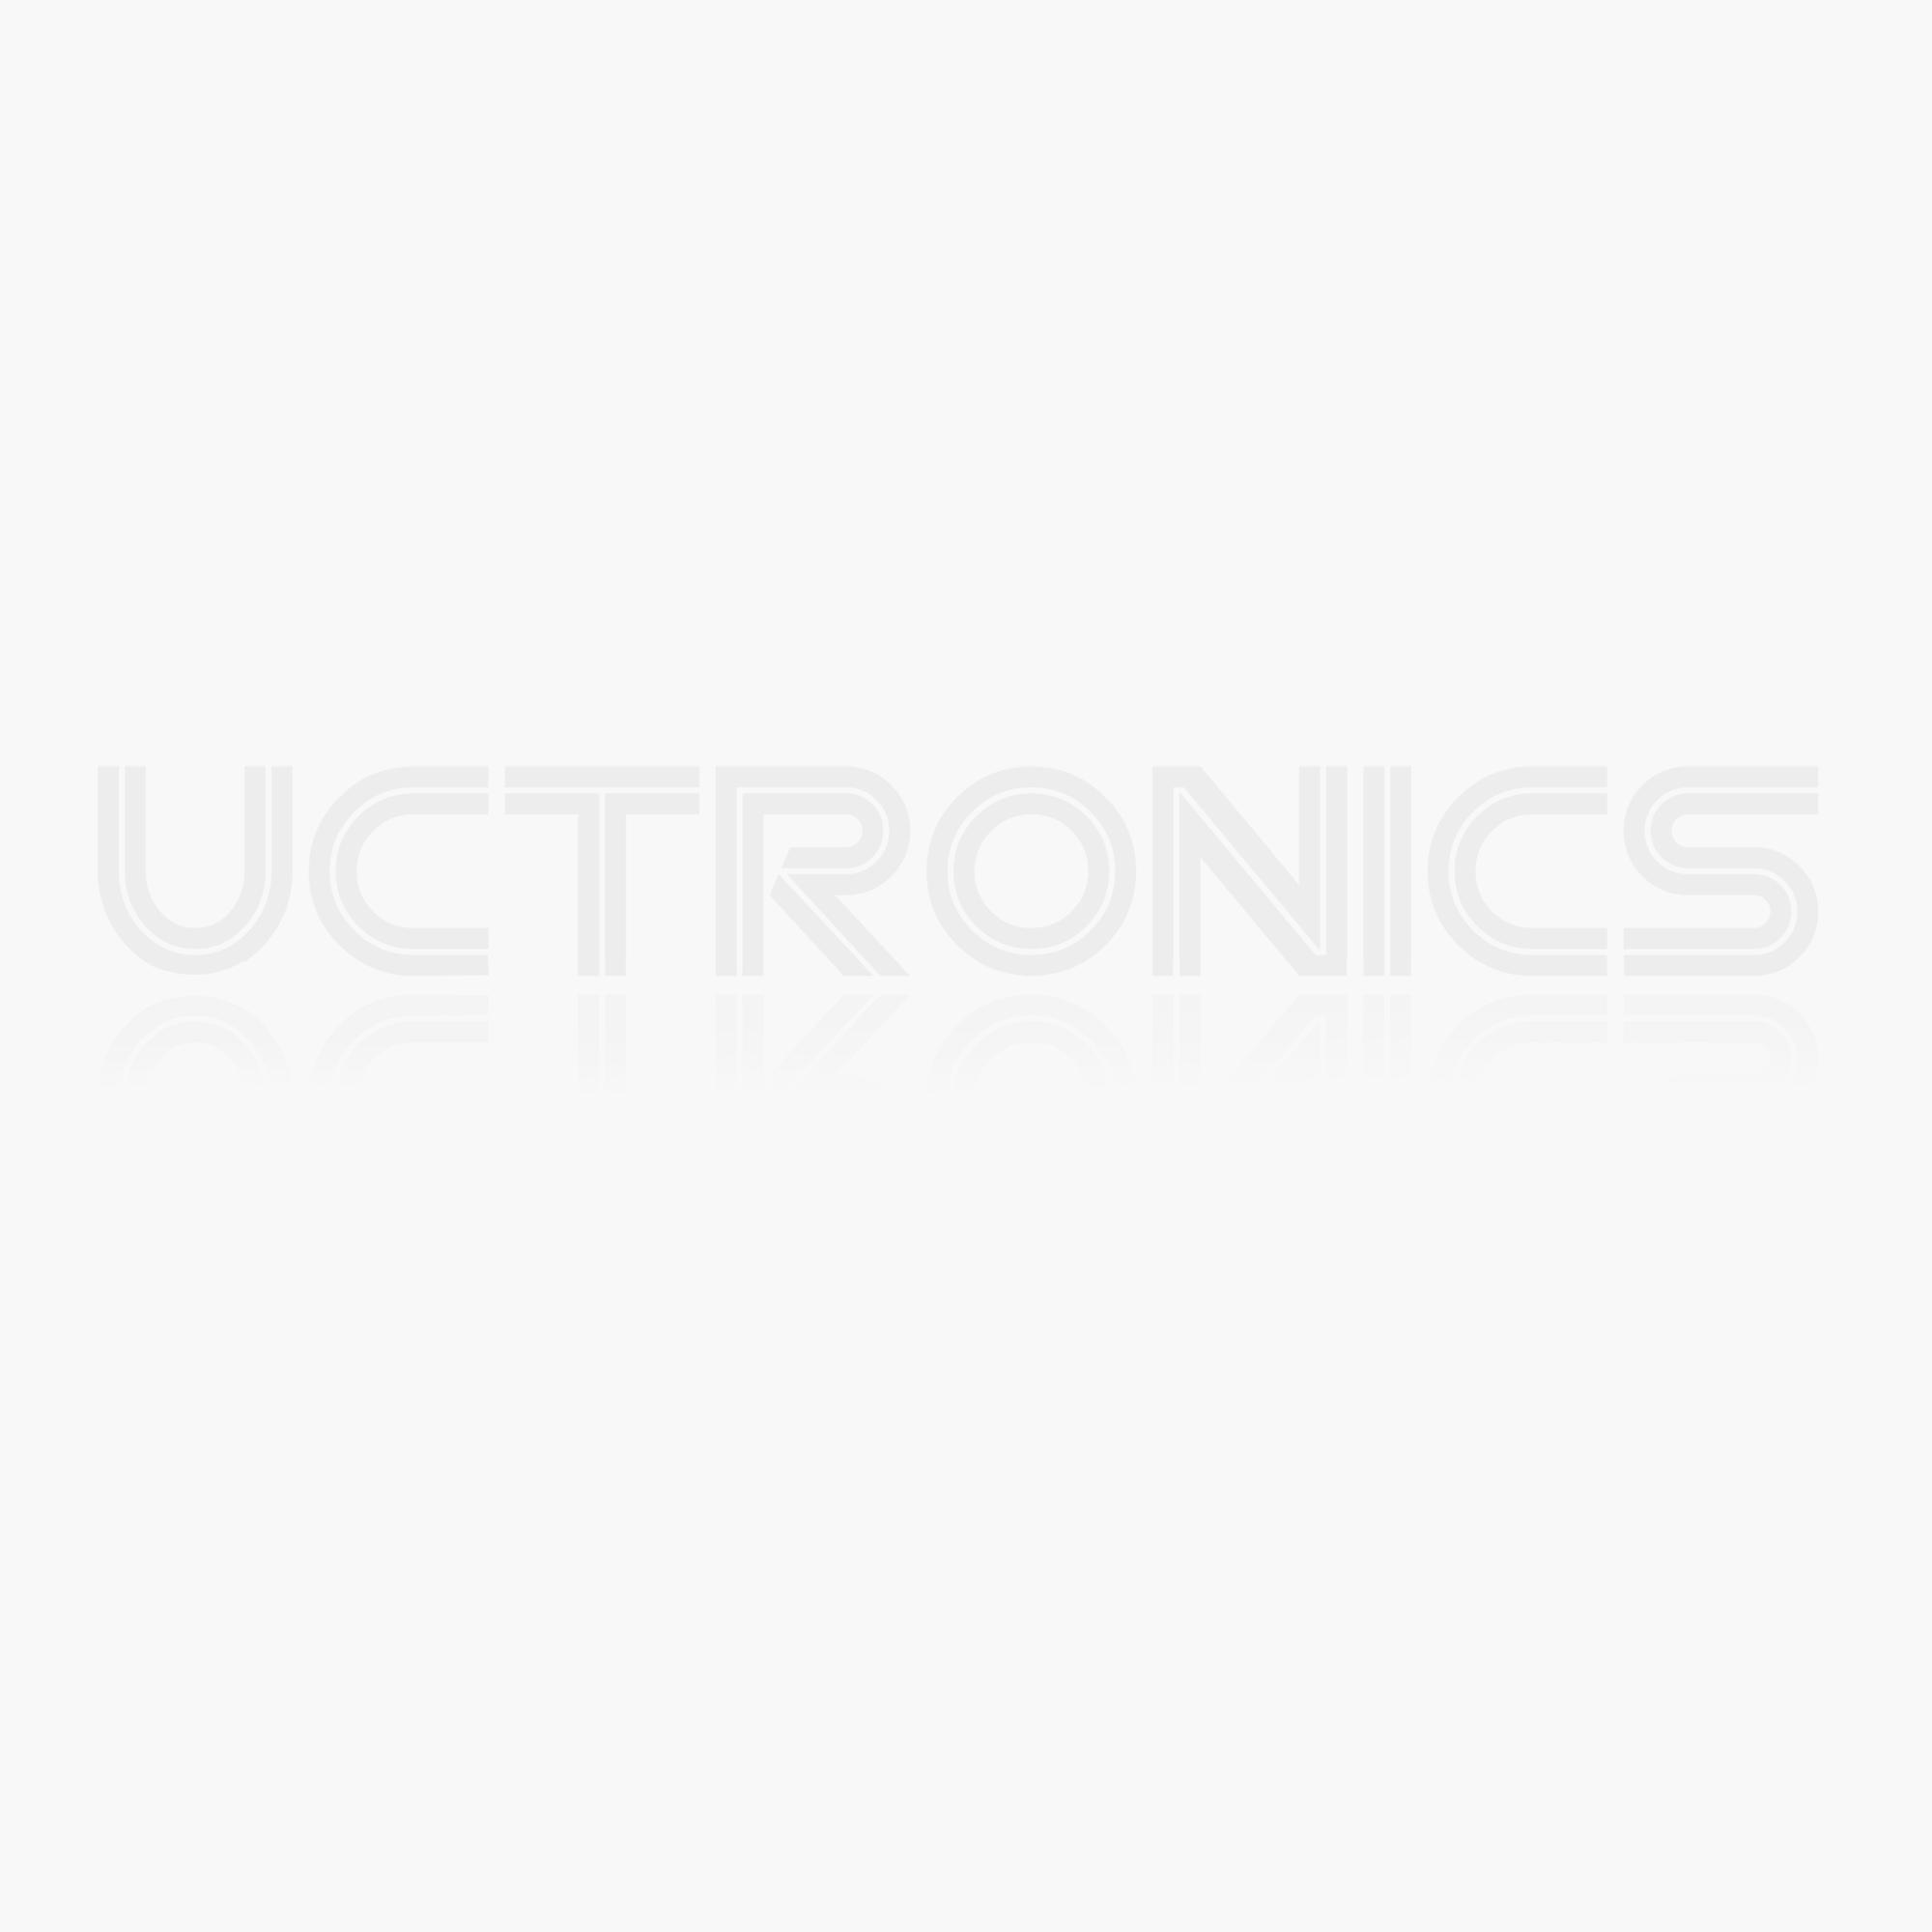 PRO MINI ATMEGA328 5V/16M MWC avr328P Development Board for Arduino